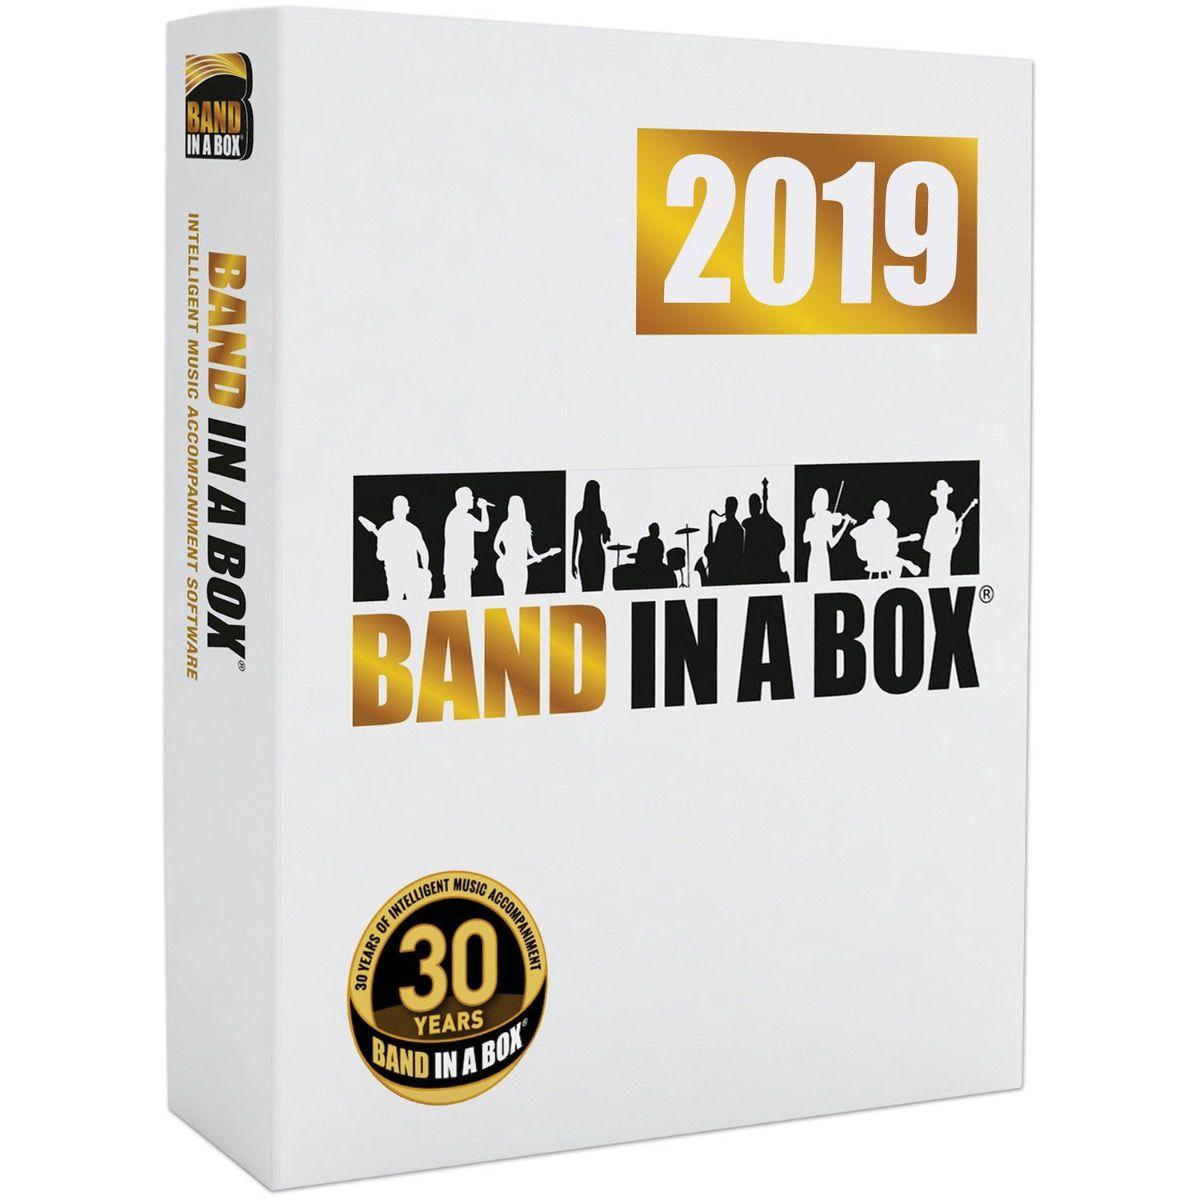 BAND IN A BOX 2019 dla MAC OSX już dostępny